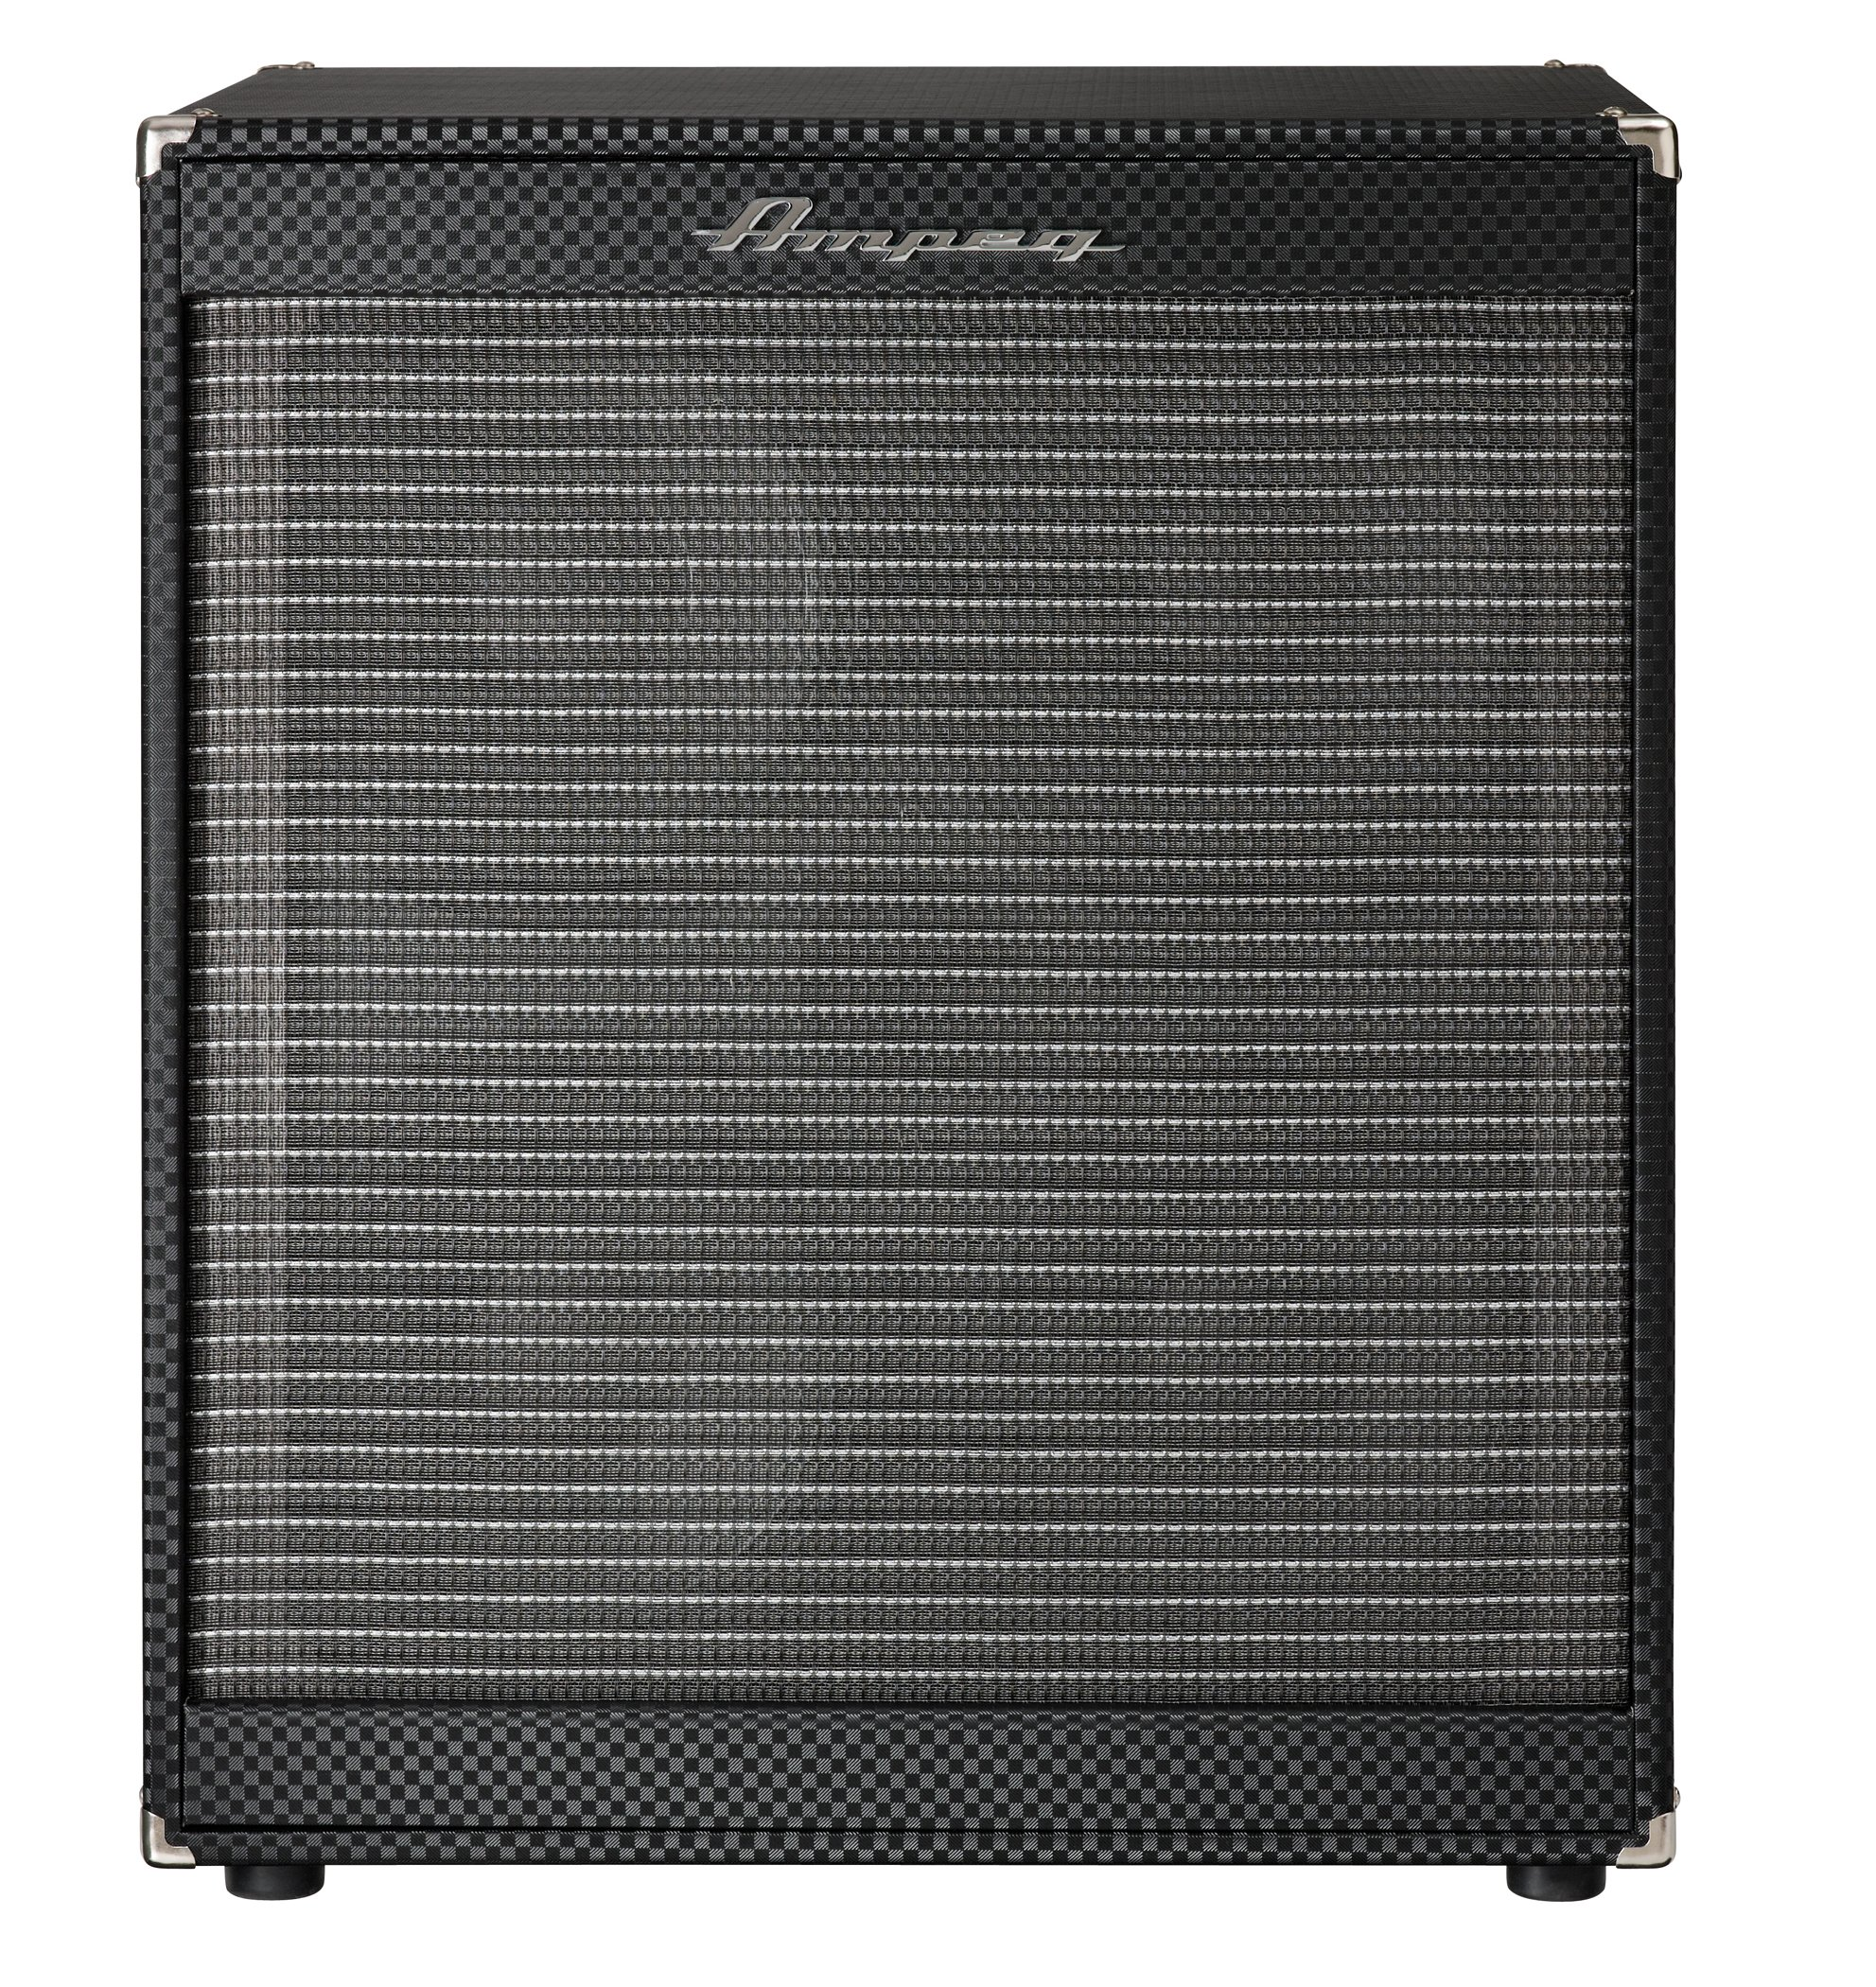 Ampeg Portaflex Series  4 x 10 Inches 800 Watt Bass Amplifier Cabinet,2043386